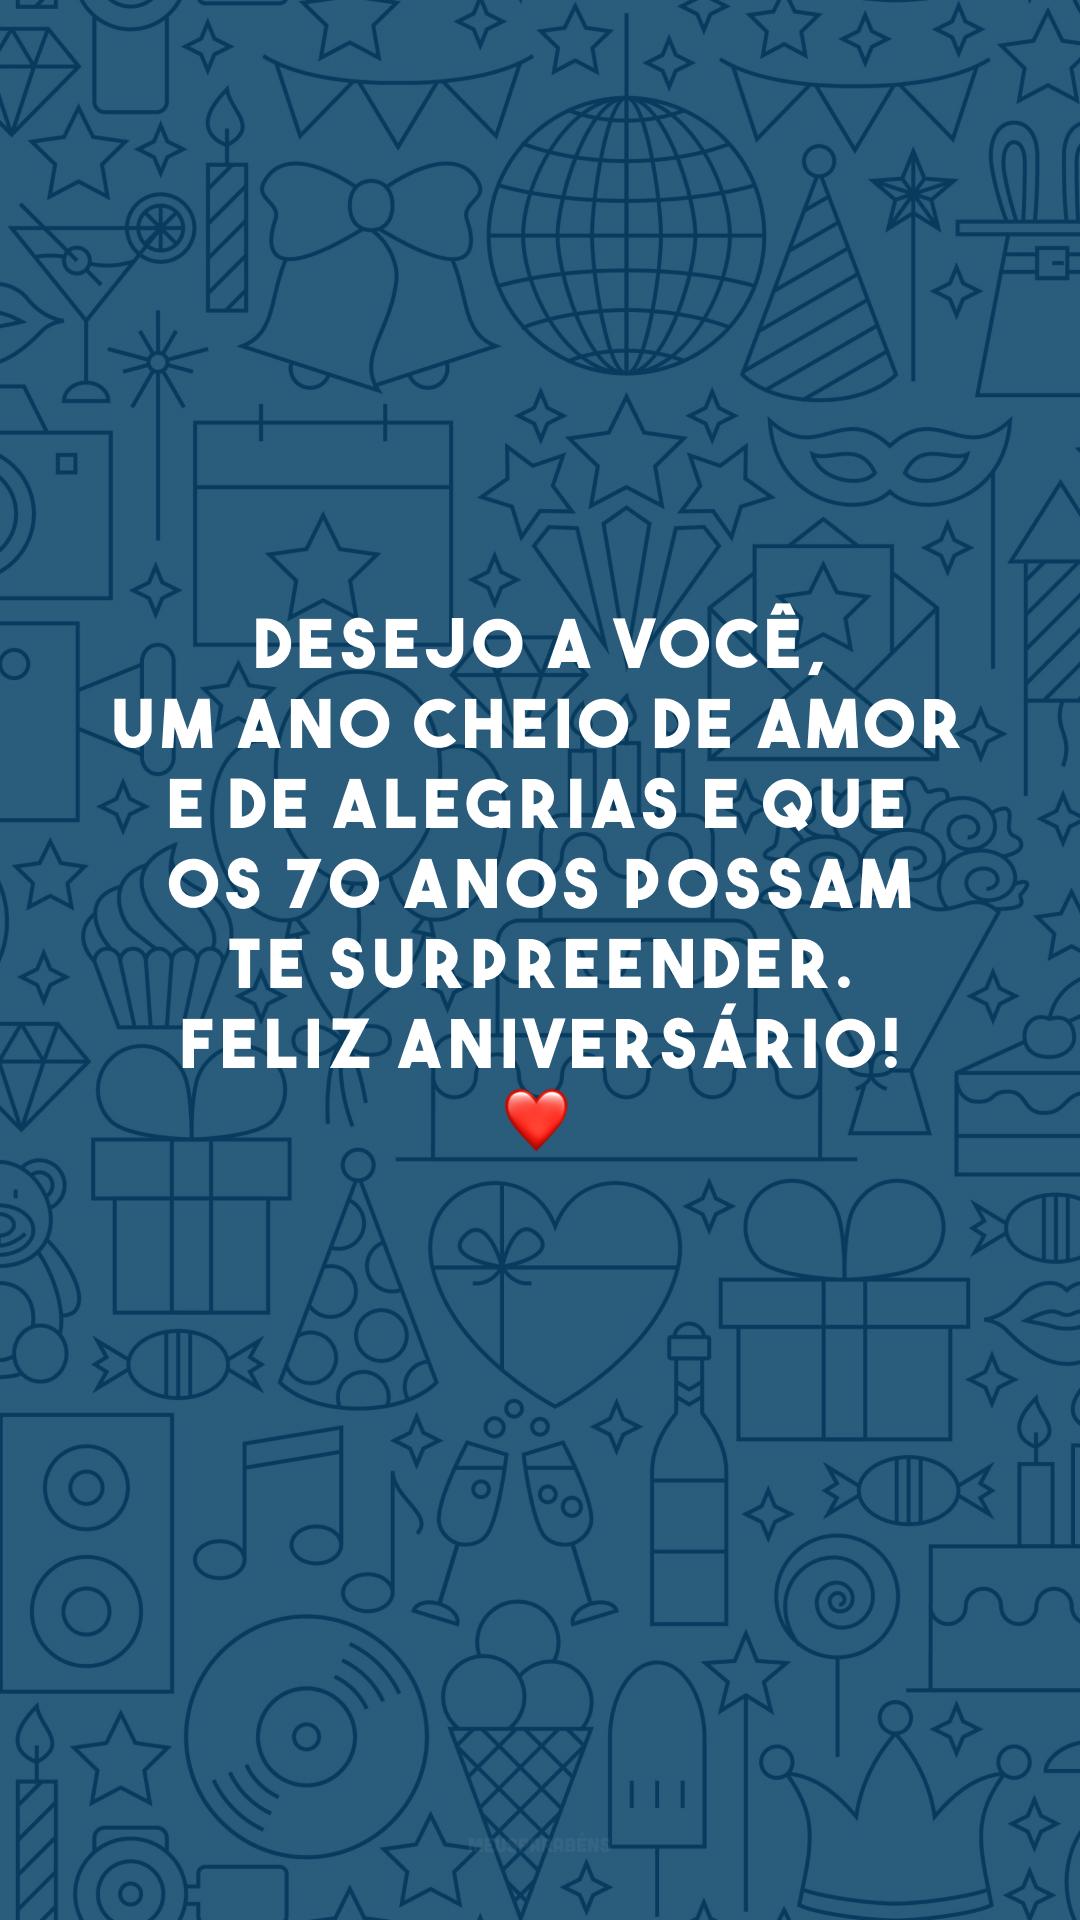 Desejo a você, um ano cheio de amor e de alegrias e que os 70 anos possam te surpreender. Feliz aniversário! ❤️